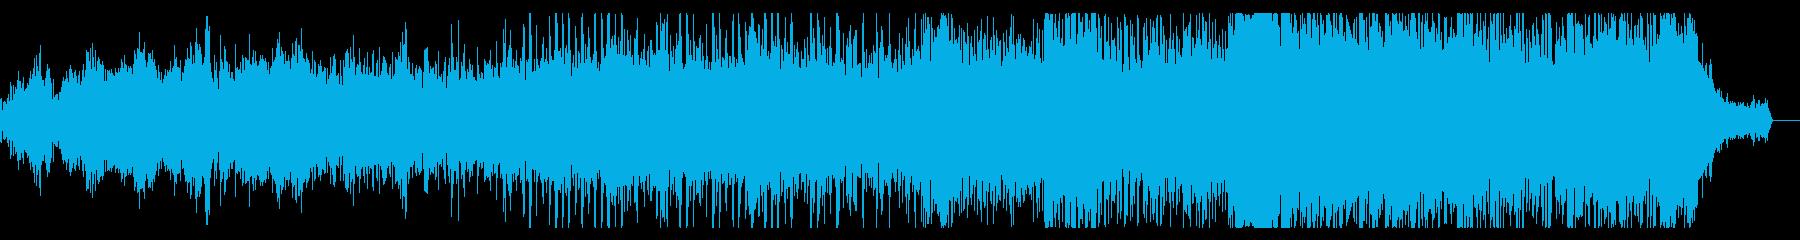 神秘的で音程の希薄なアンビエントIDMの再生済みの波形